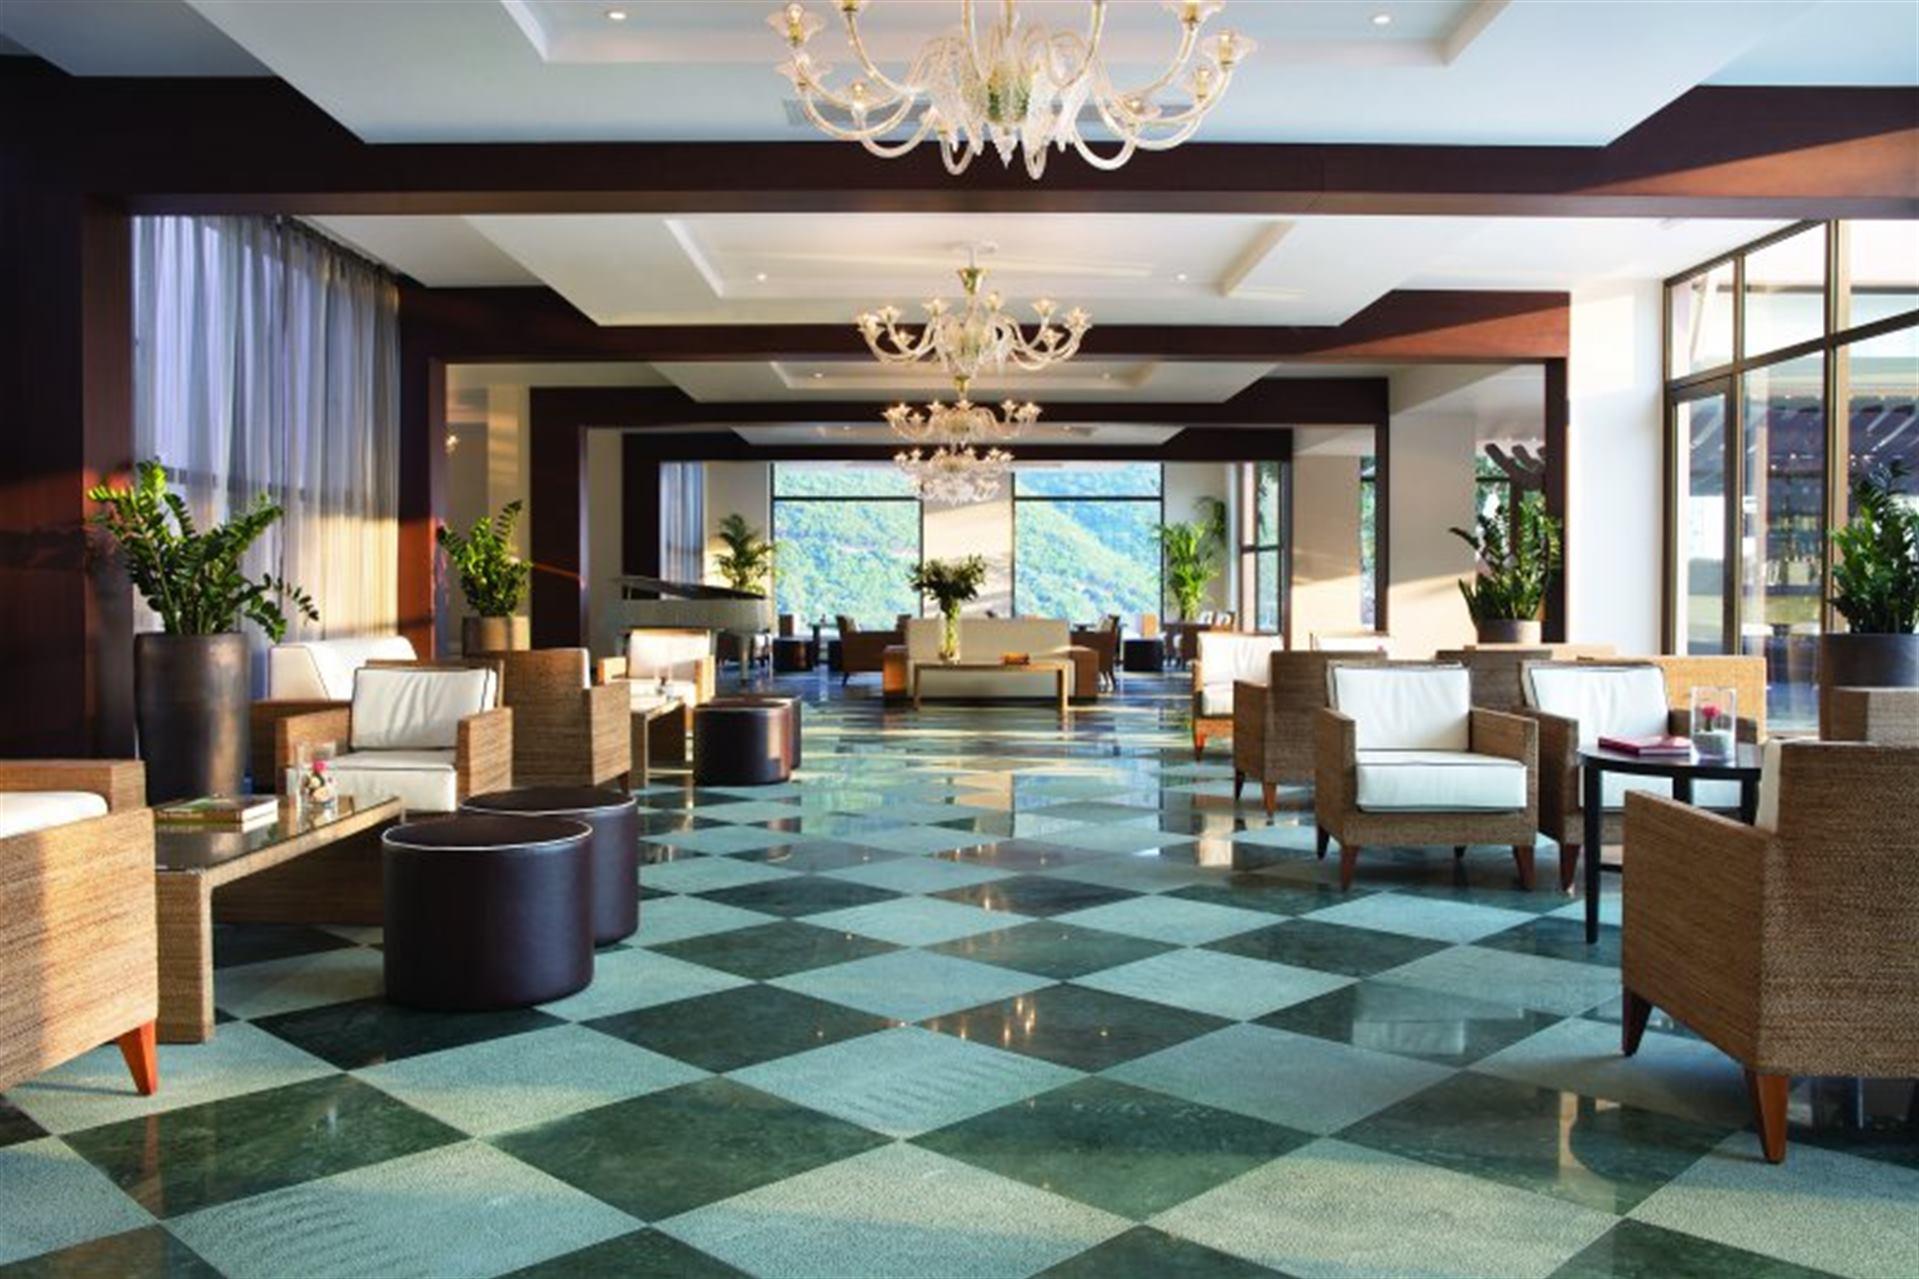 lobby_area_1.jpg